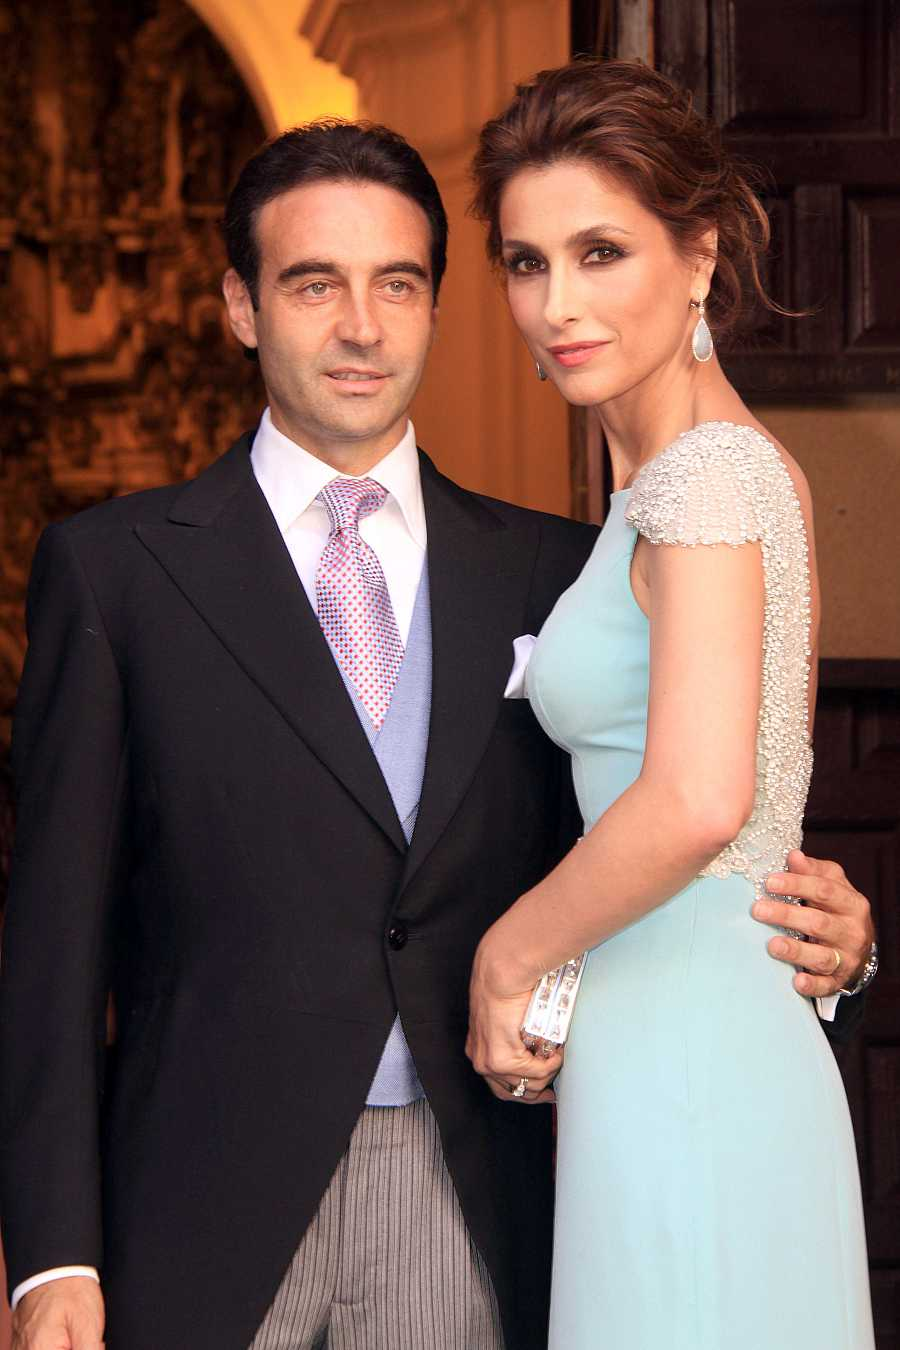 El torero Enrique Ponce y Paloma Cuevas durante la boda de Verónica Cuevas y Manuel del Pino en Sevilla